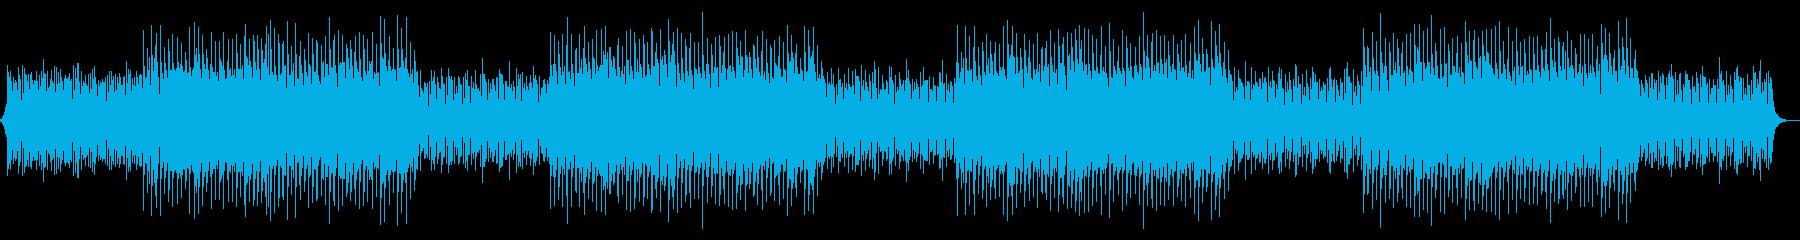 オーケストラ・EDM・退場・エンディングの再生済みの波形